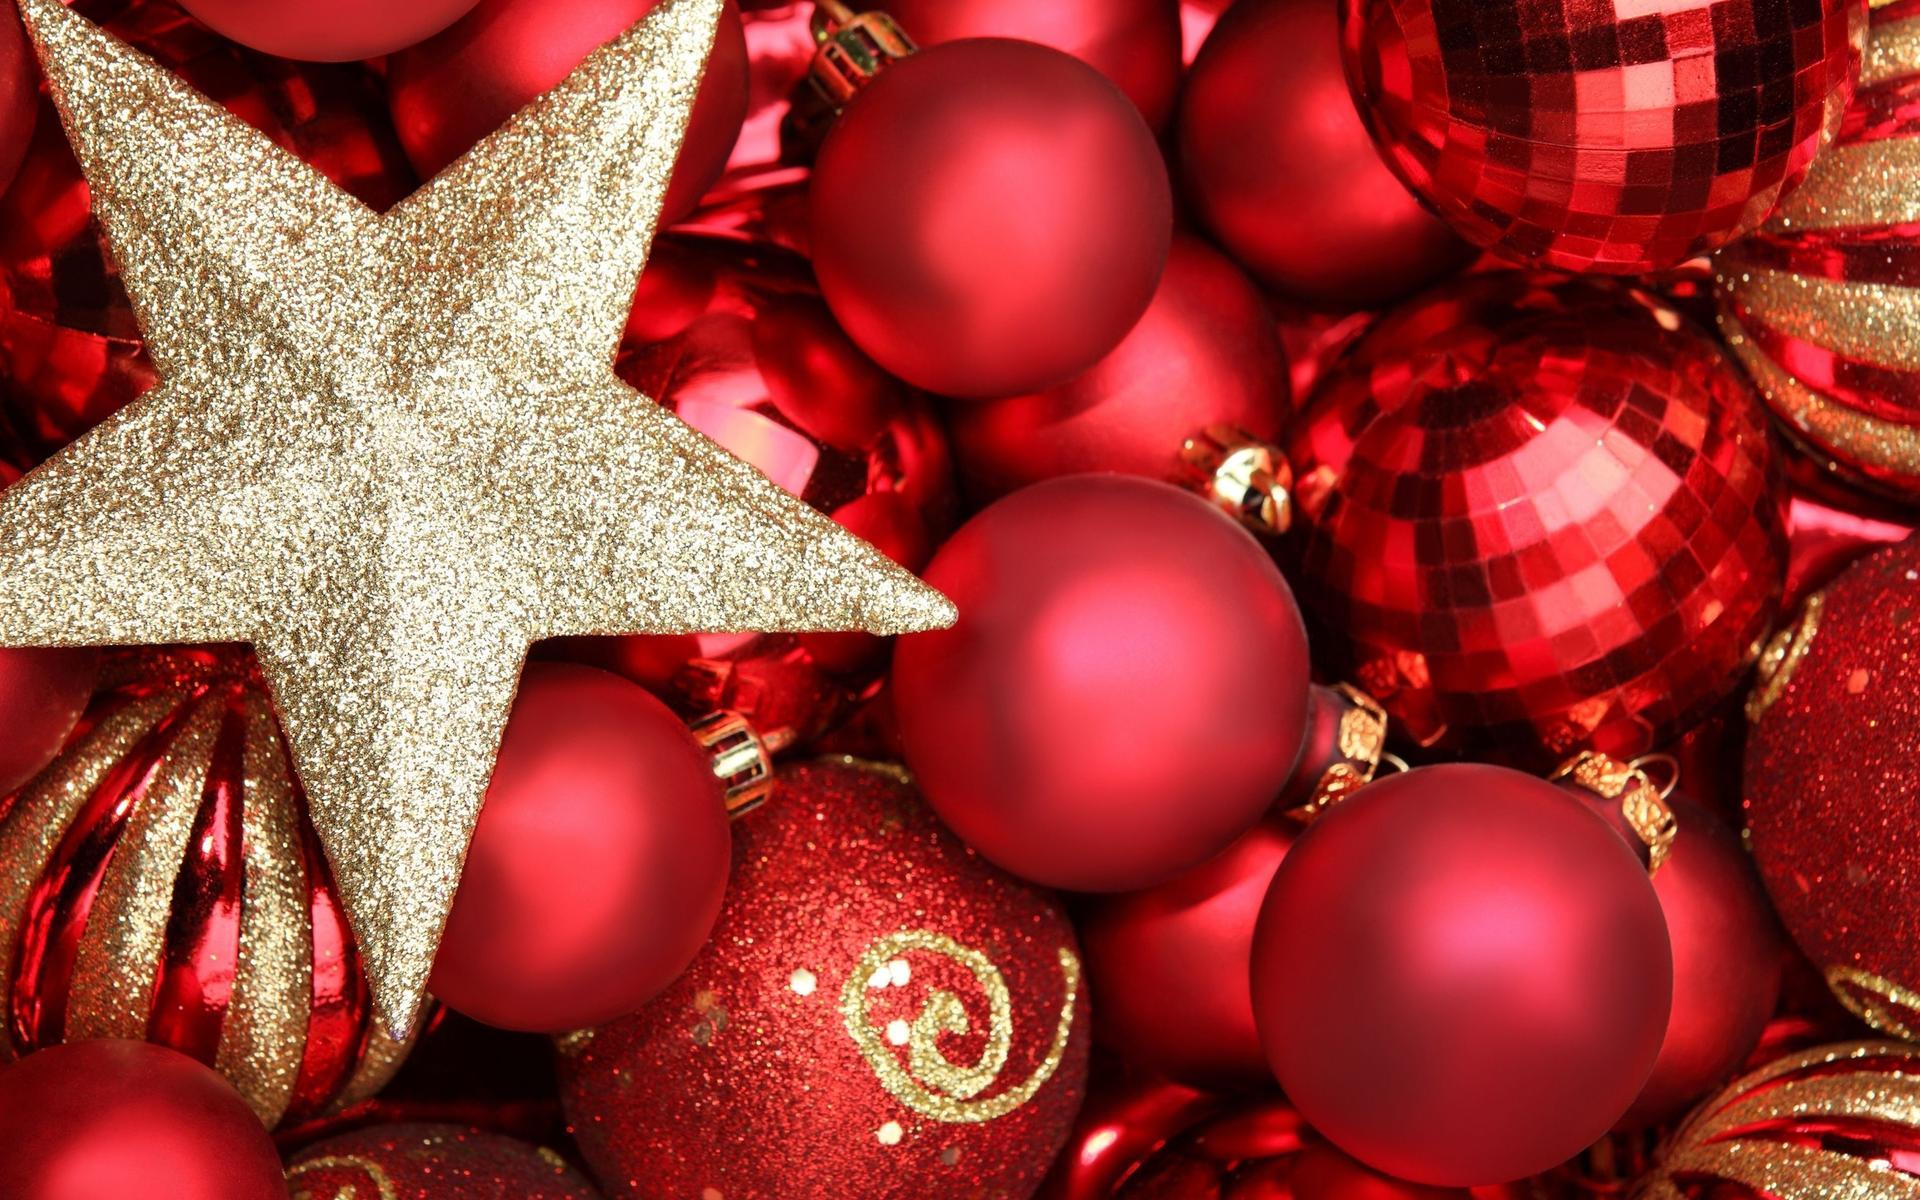 Шарики звезда - C наступающим новым годом 2017 поздравительные картинки